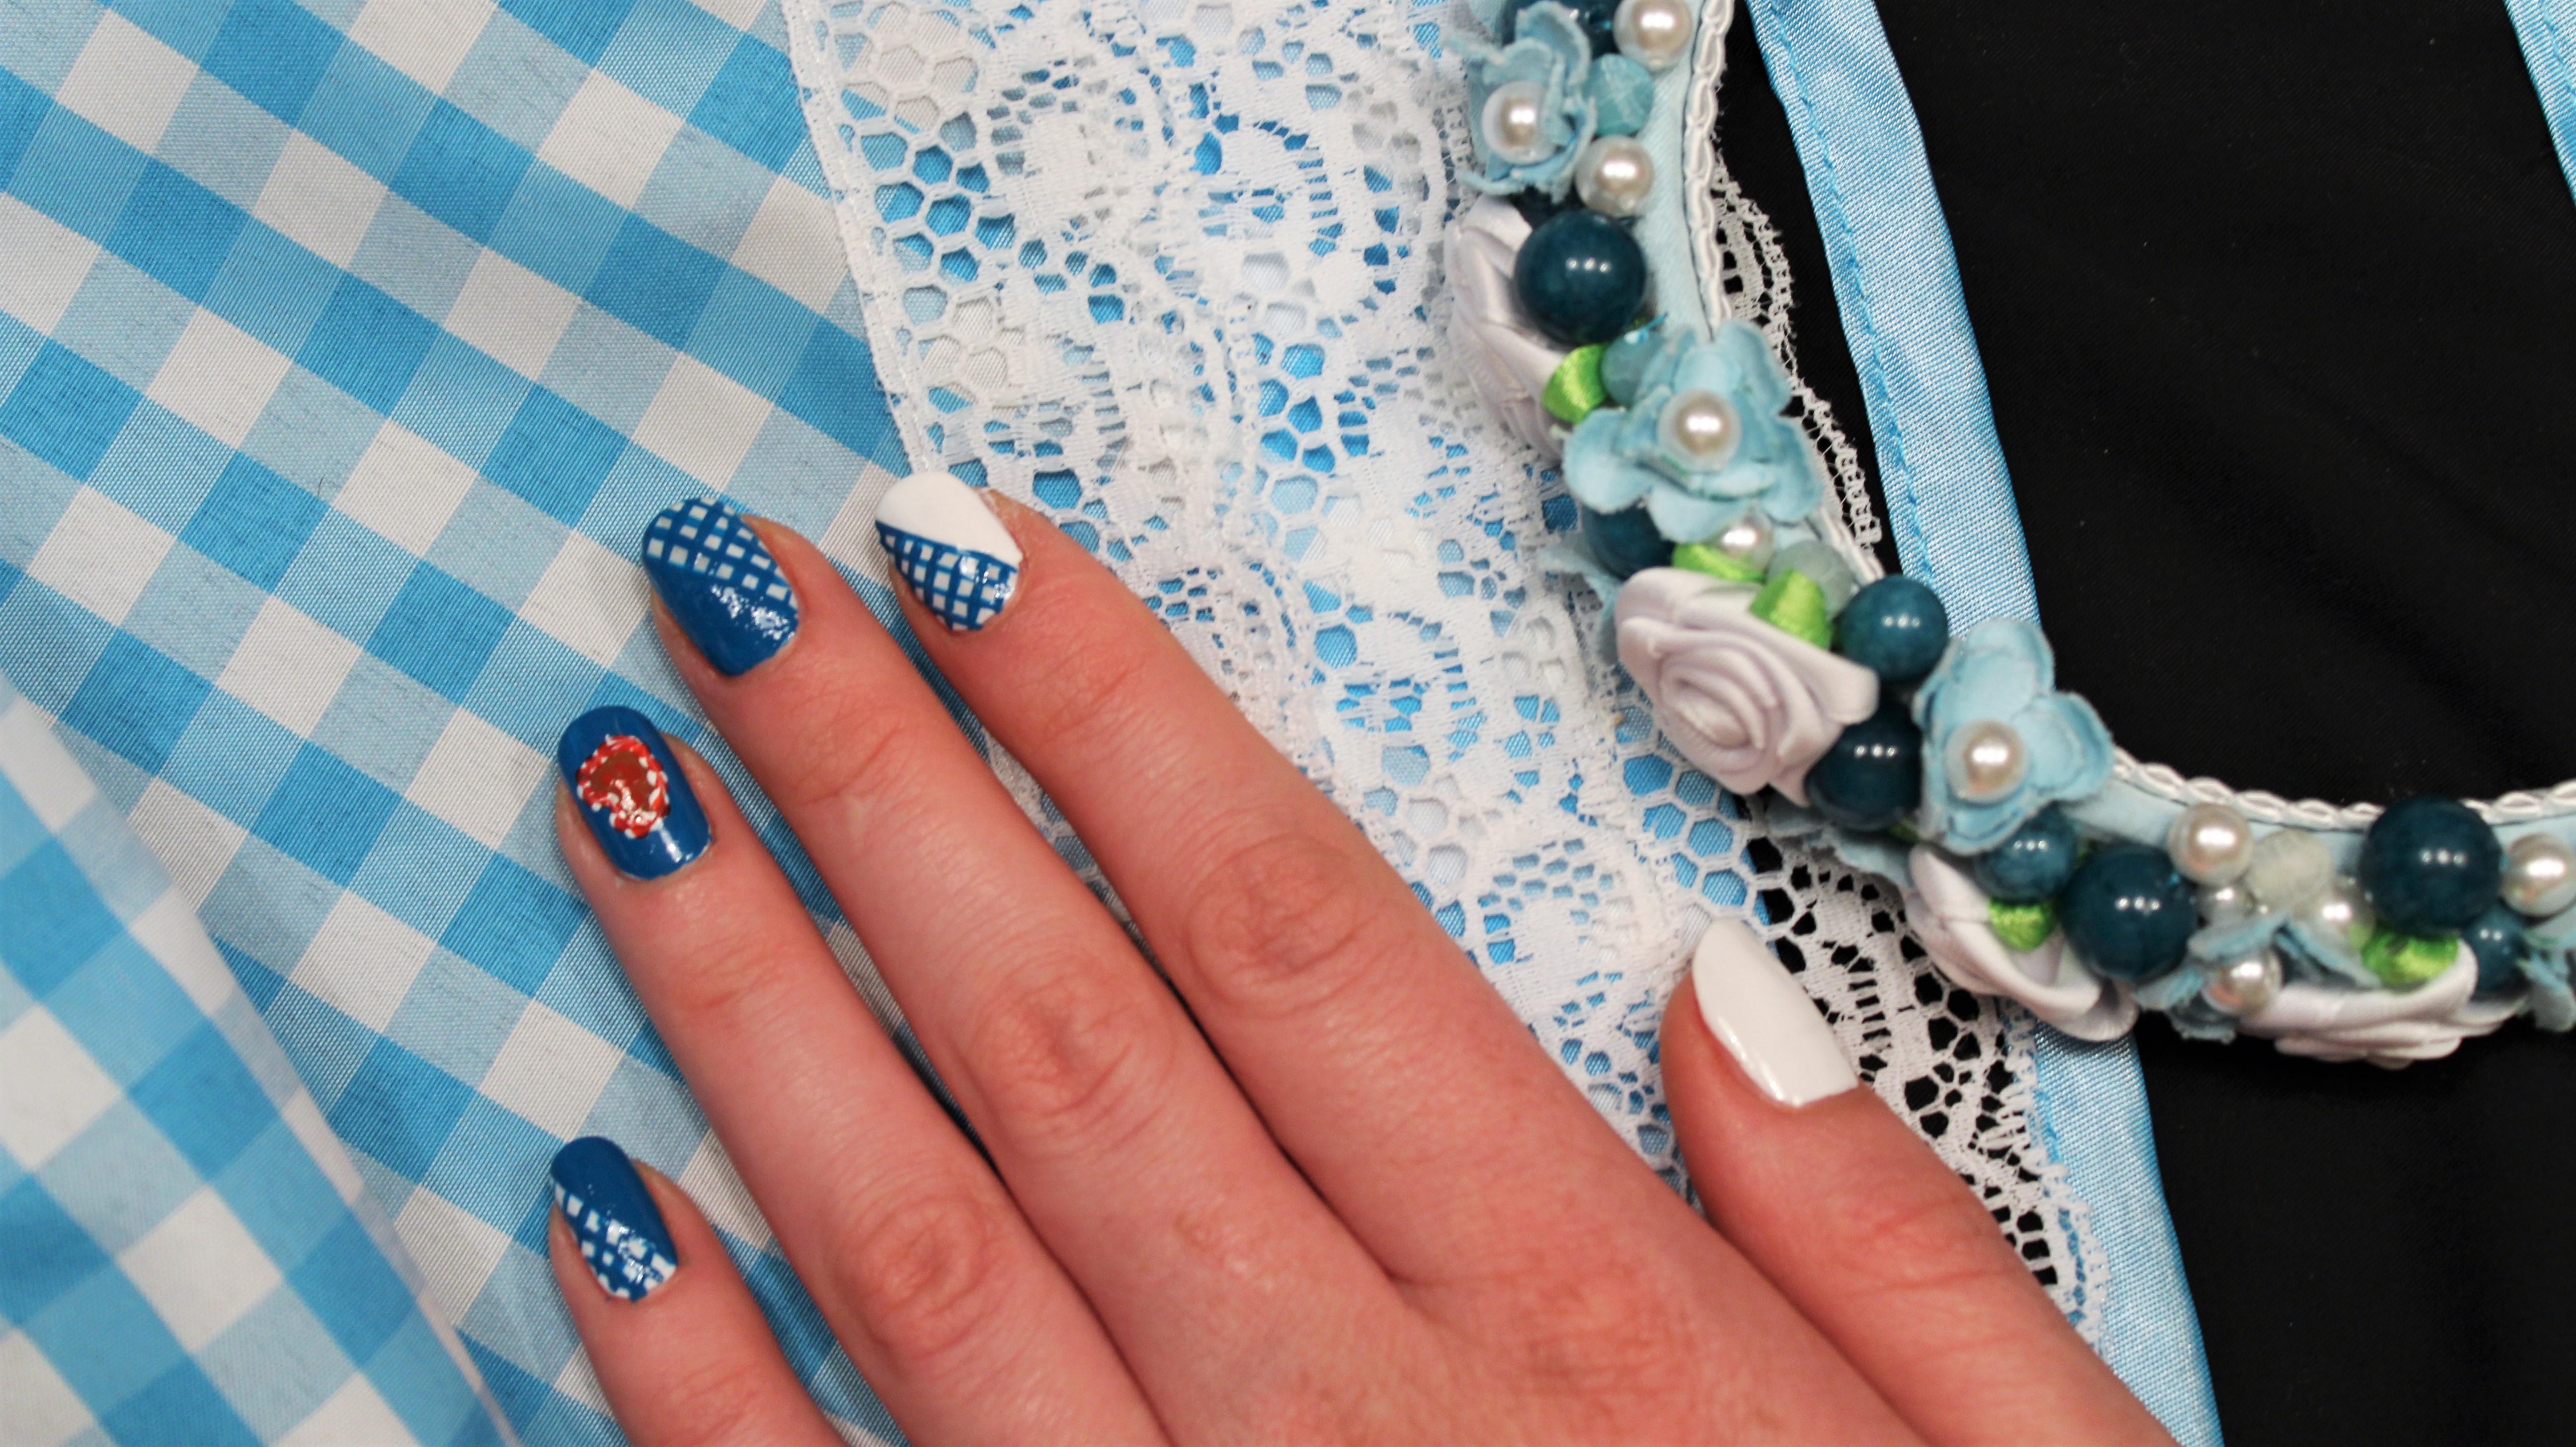 Bavarian Nails